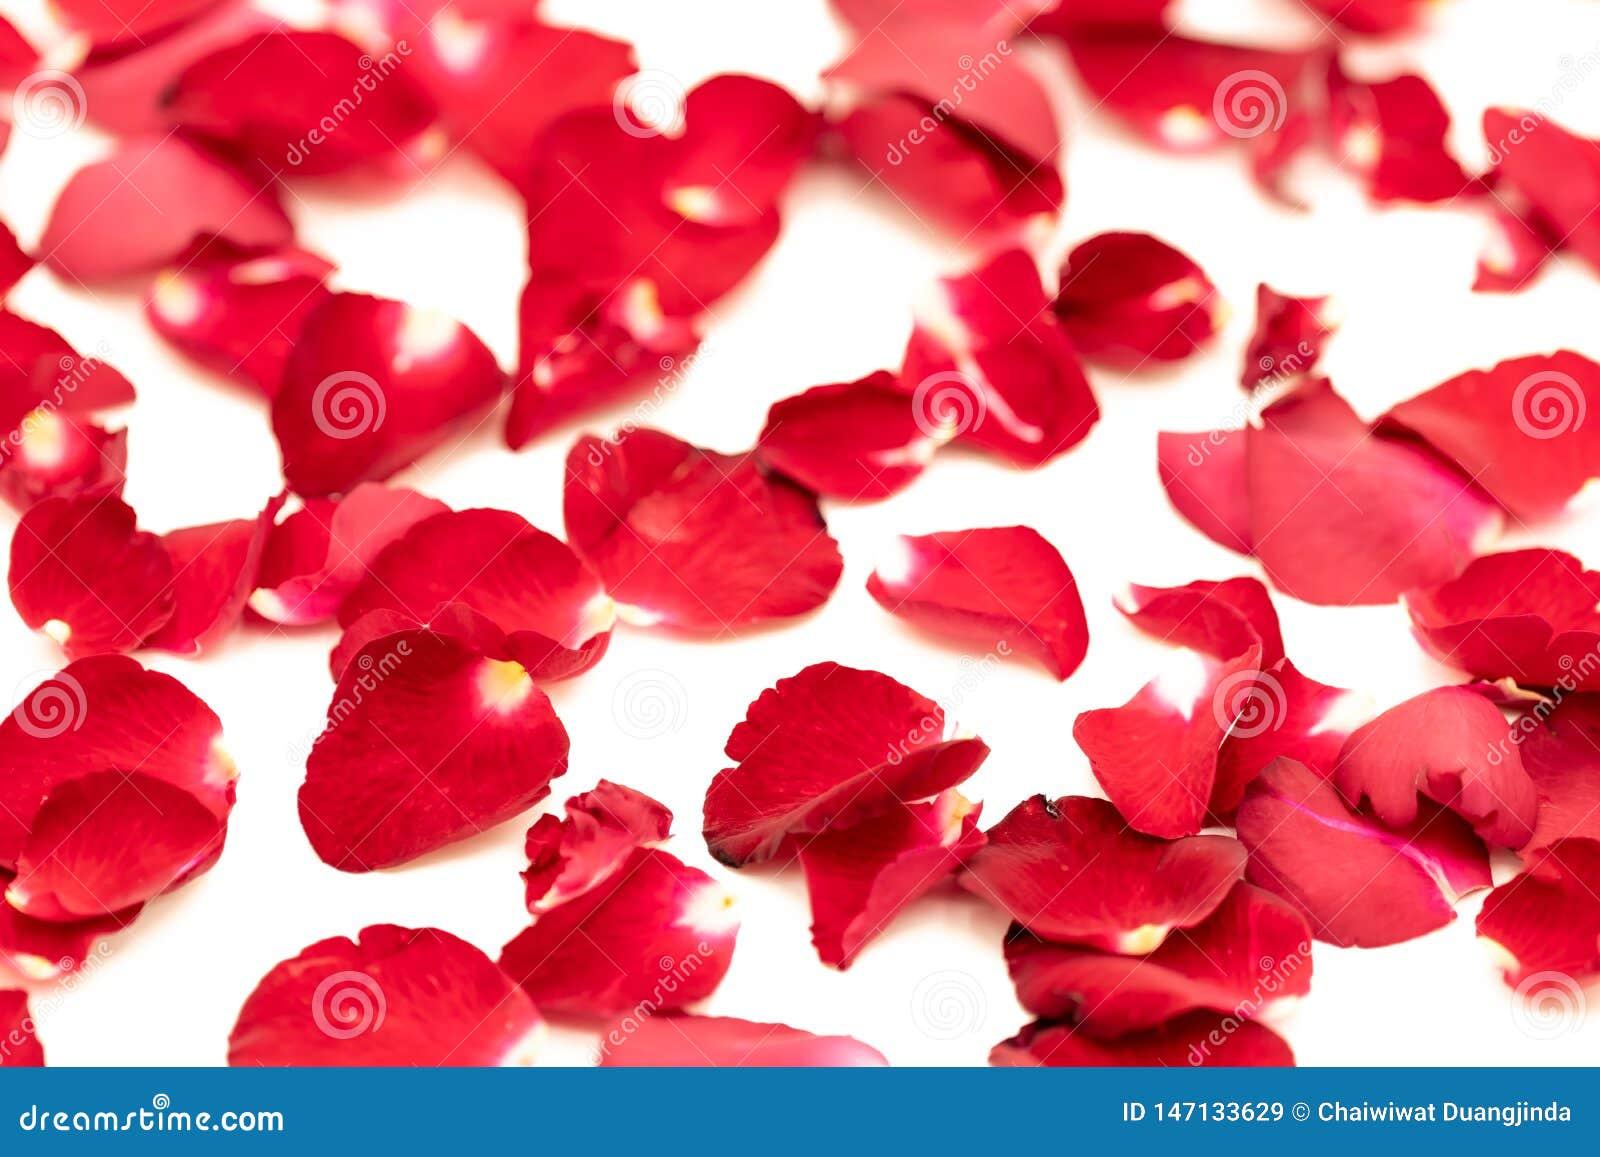 Лепестки розы аранжировали в картине